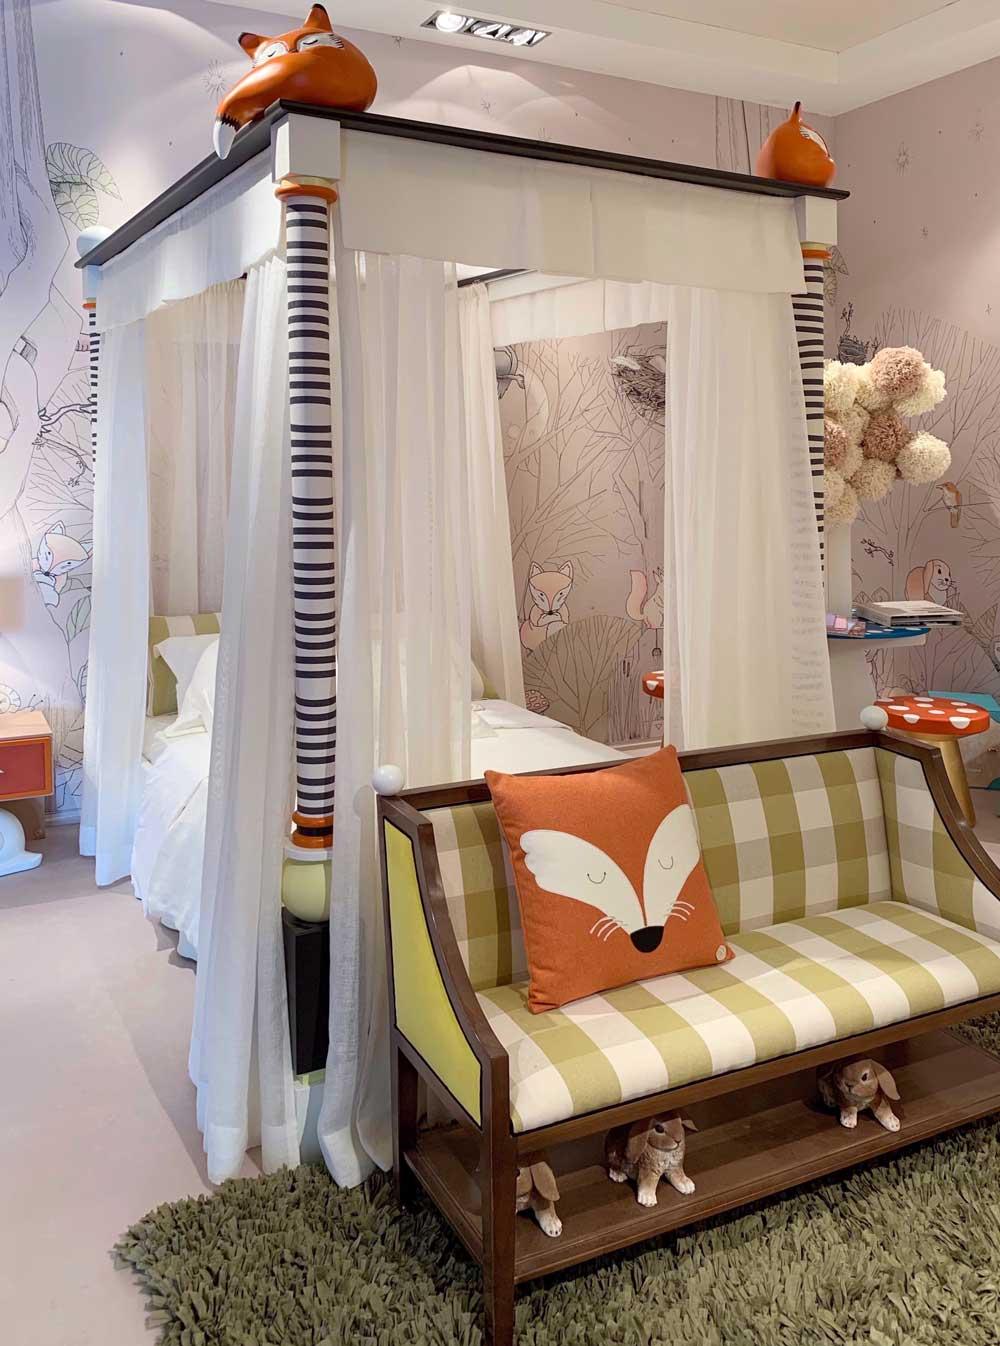 Kids Bedroom Ideas - Personalised fun